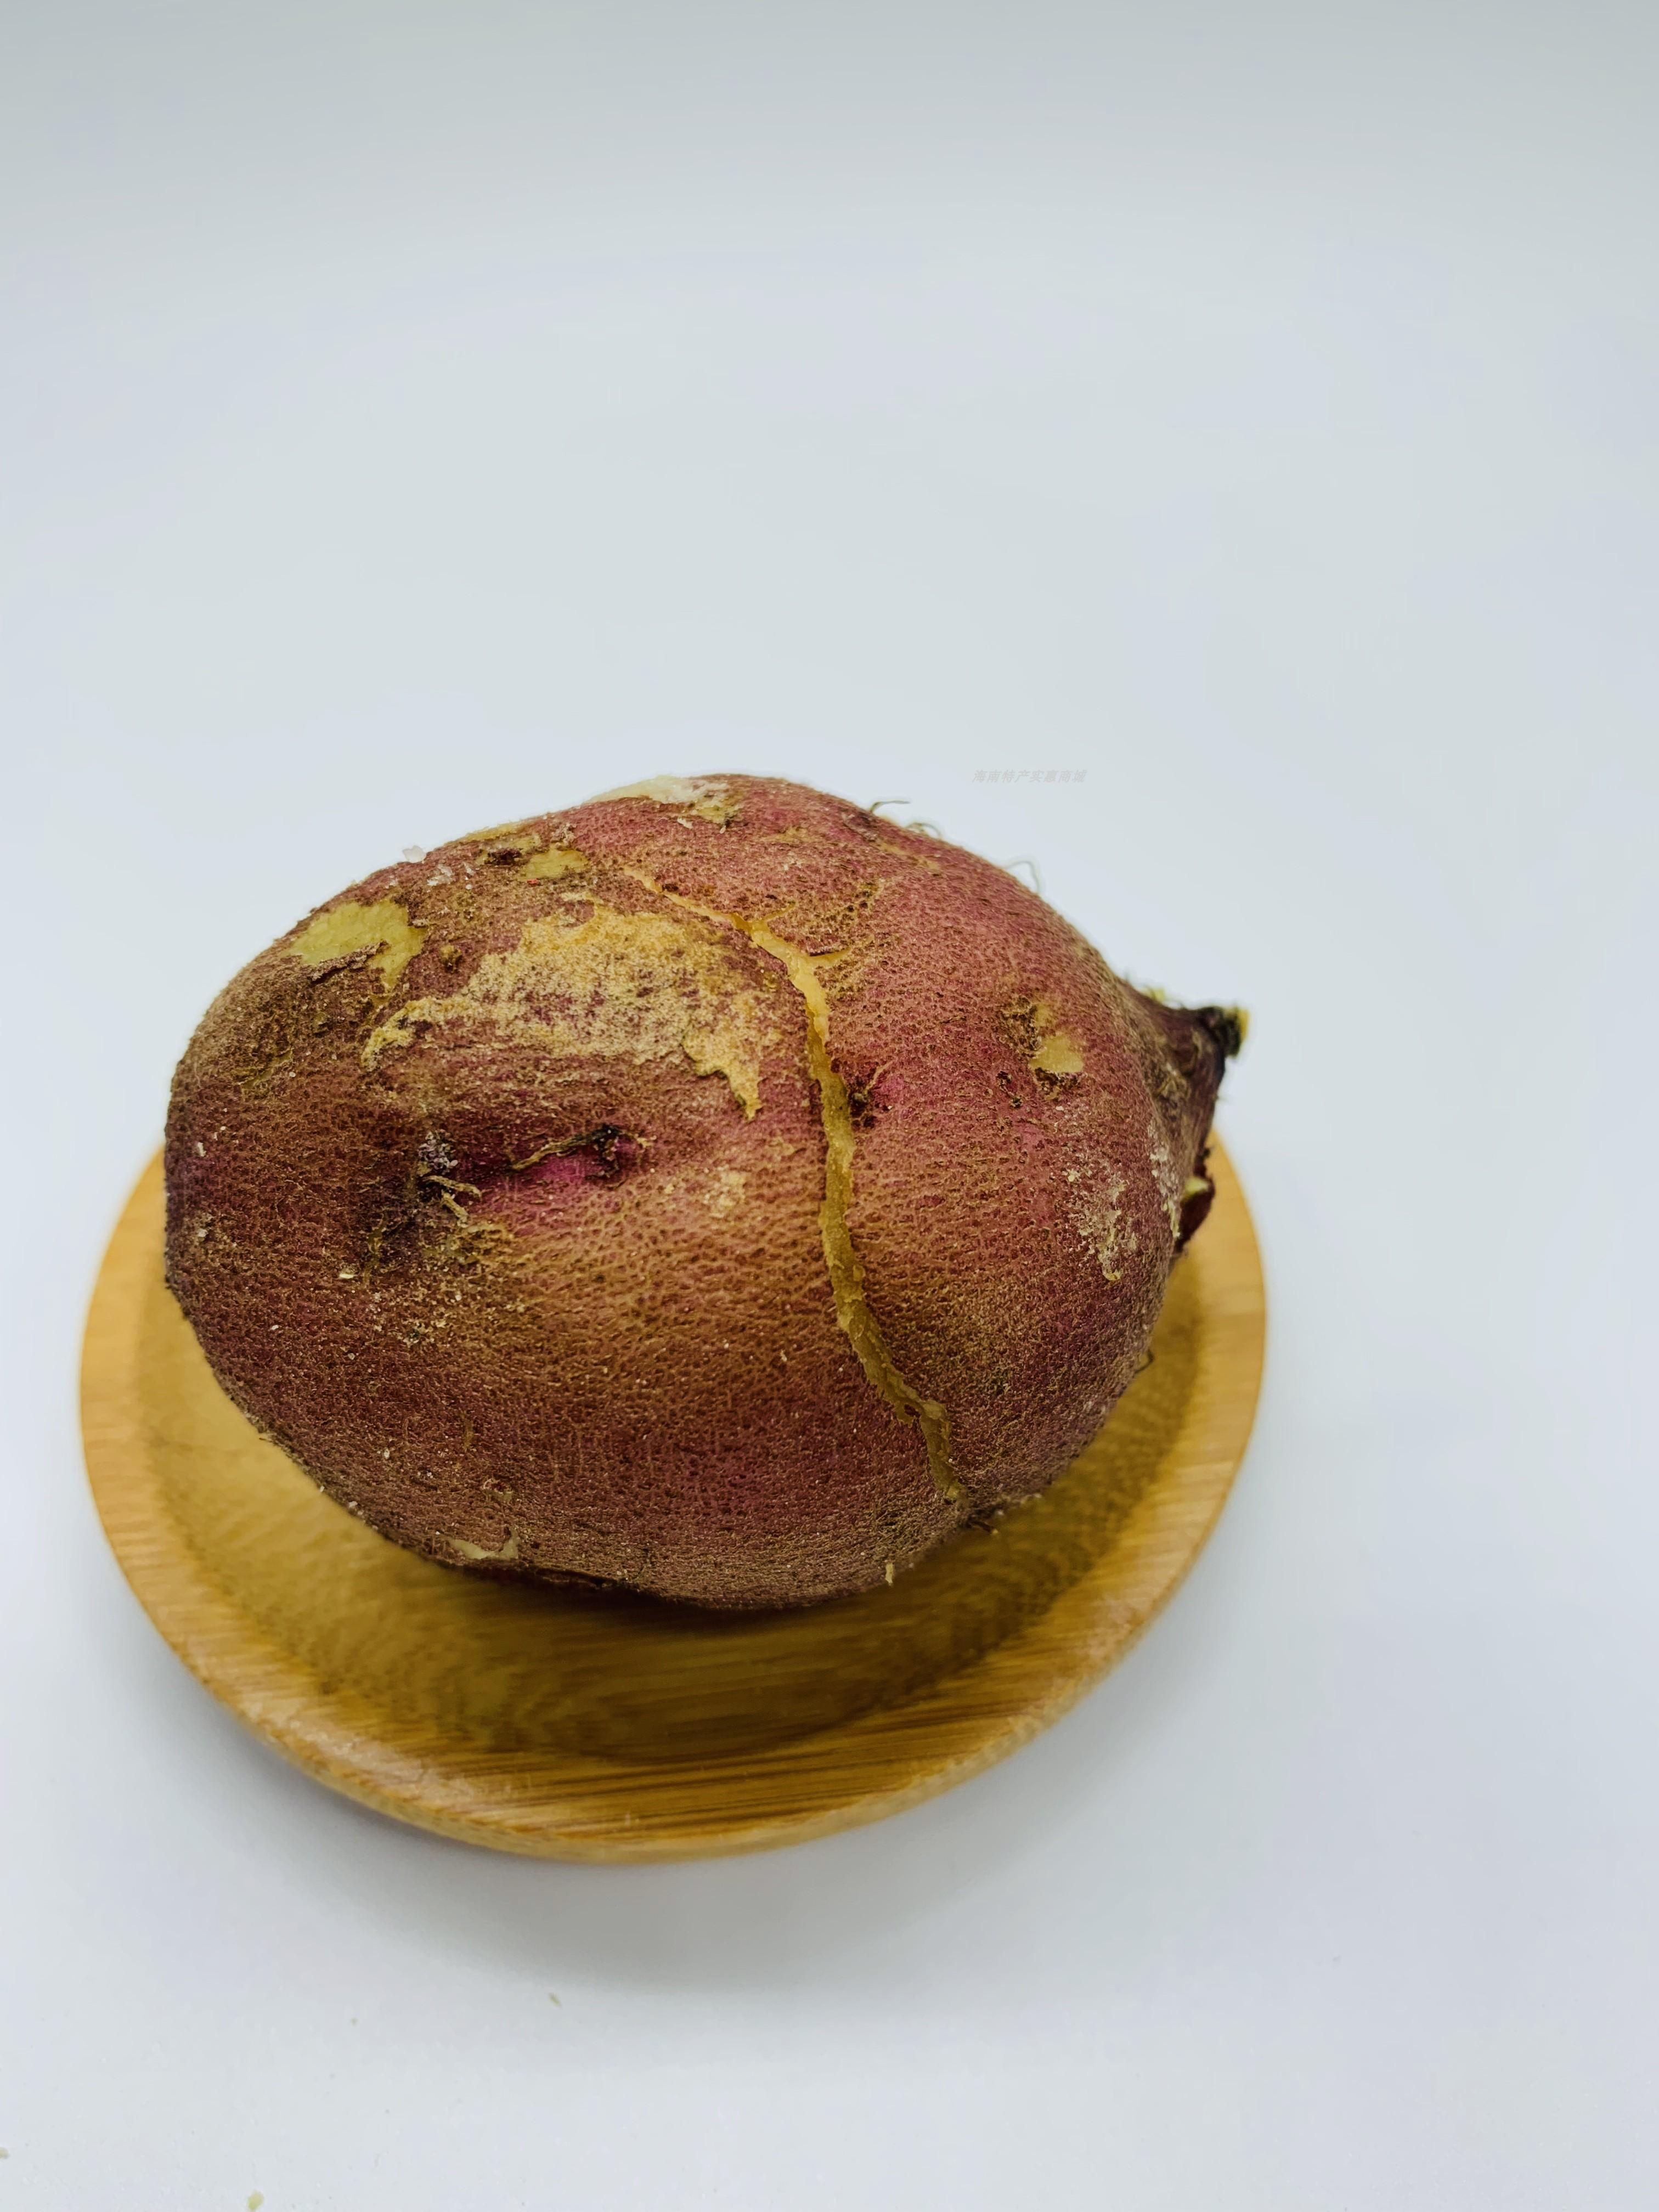 圆果海南澄迈沙地桥头富硒地瓜5斤新鲜农家桥沙板栗薯红薯包邮